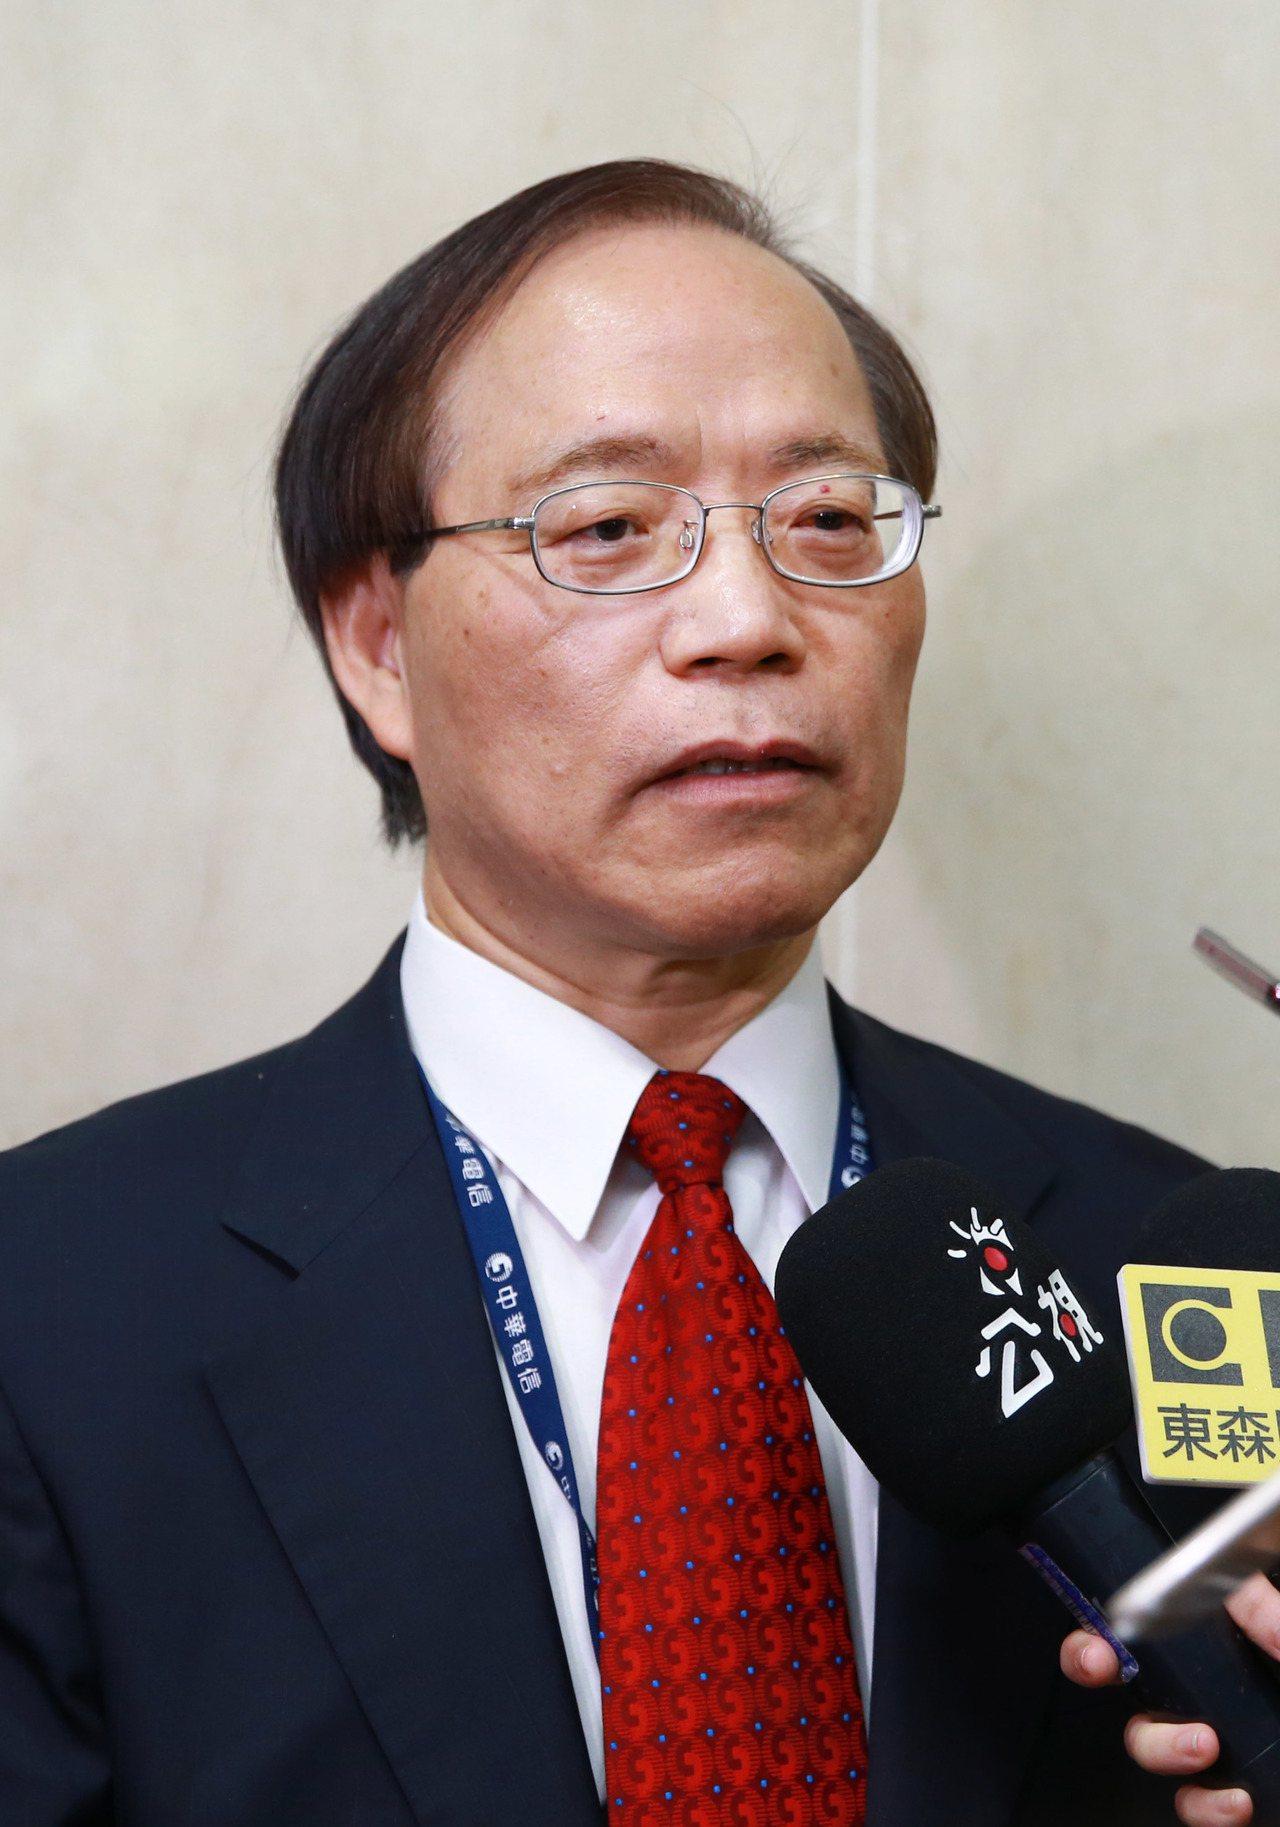 中華電信董事長謝繼茂接受訪問。記者陳柏亨/攝影